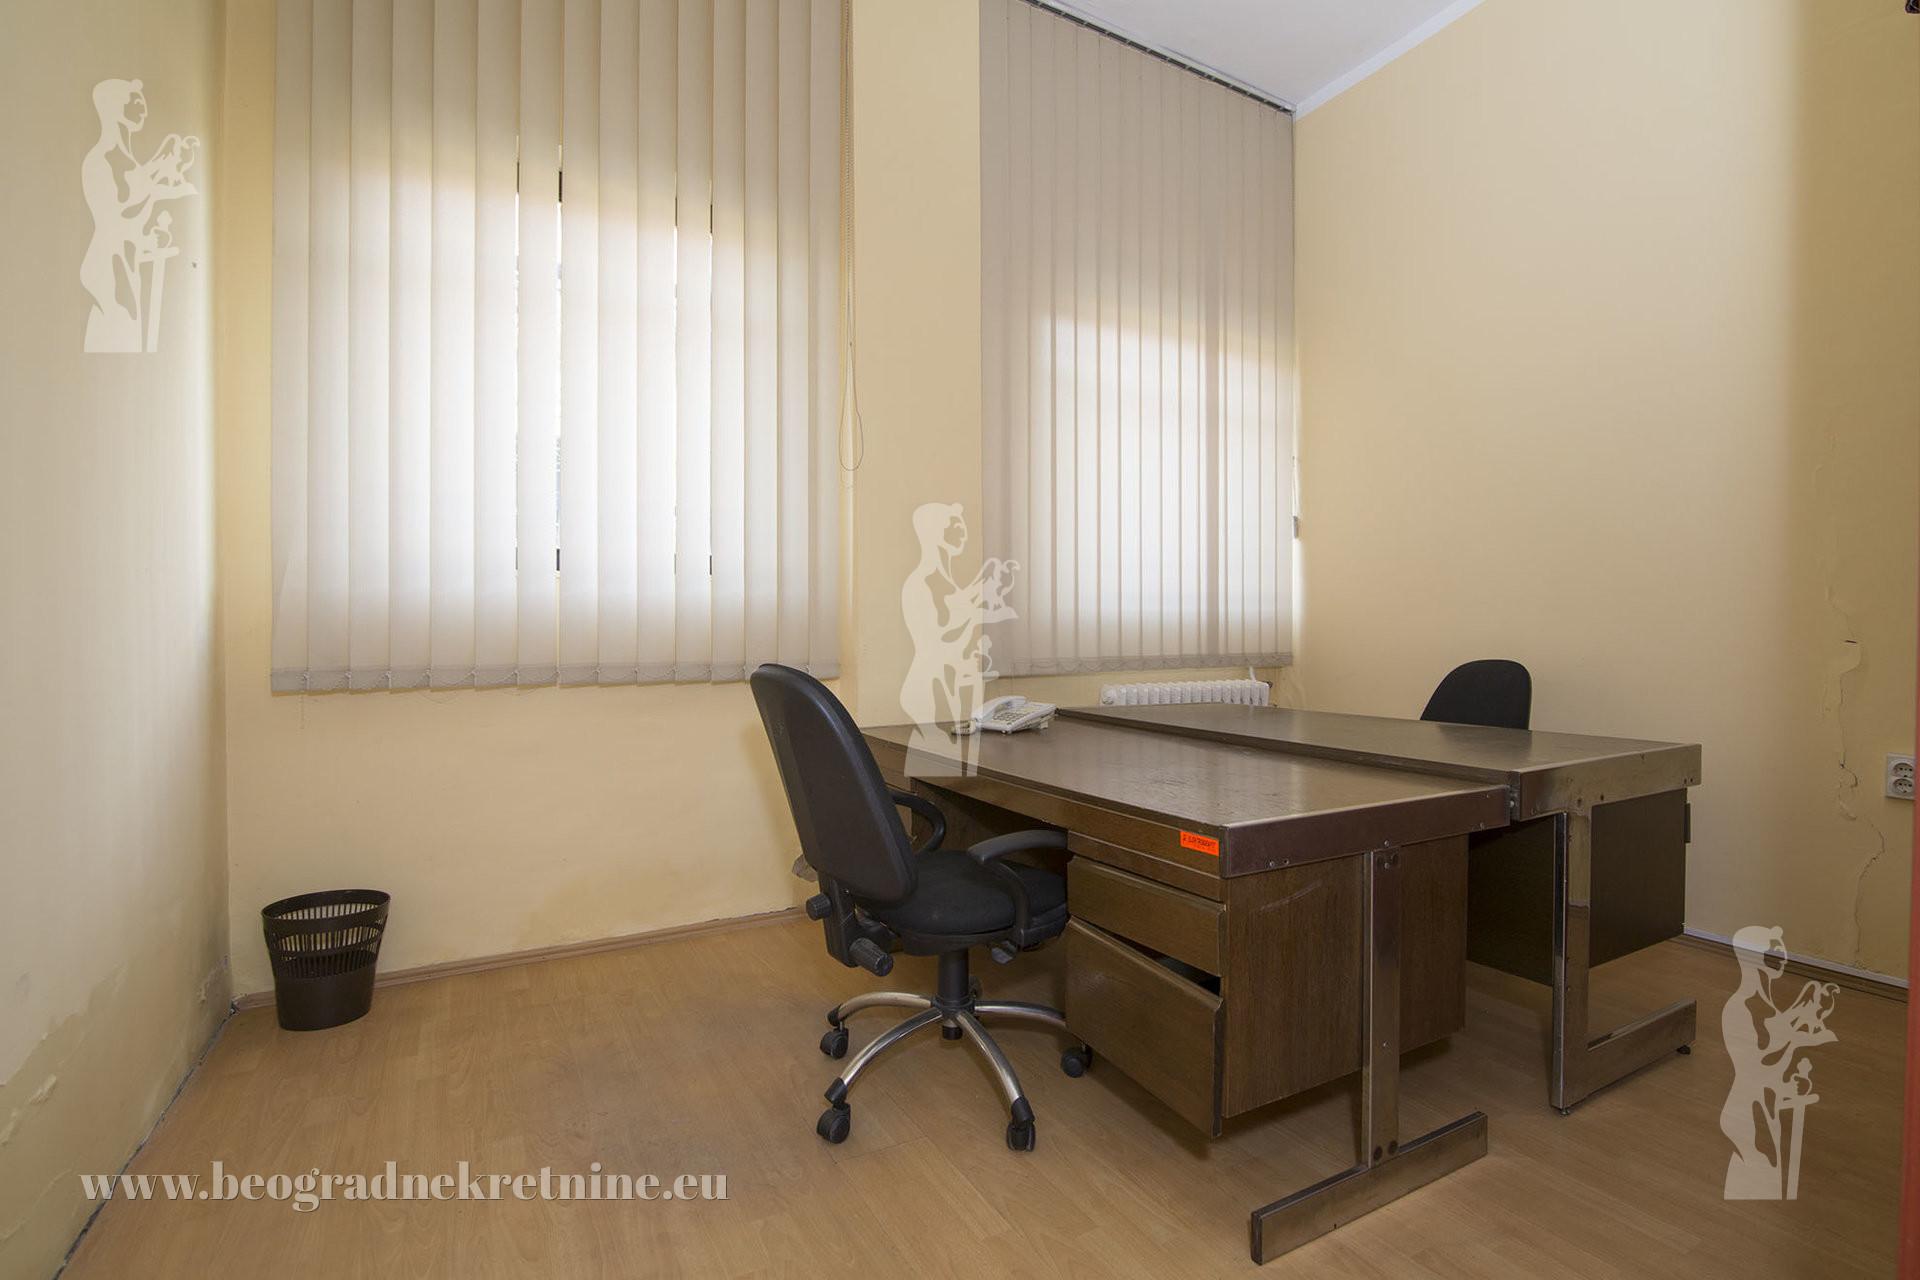 Poslovni prostor kancelarija 70 m2